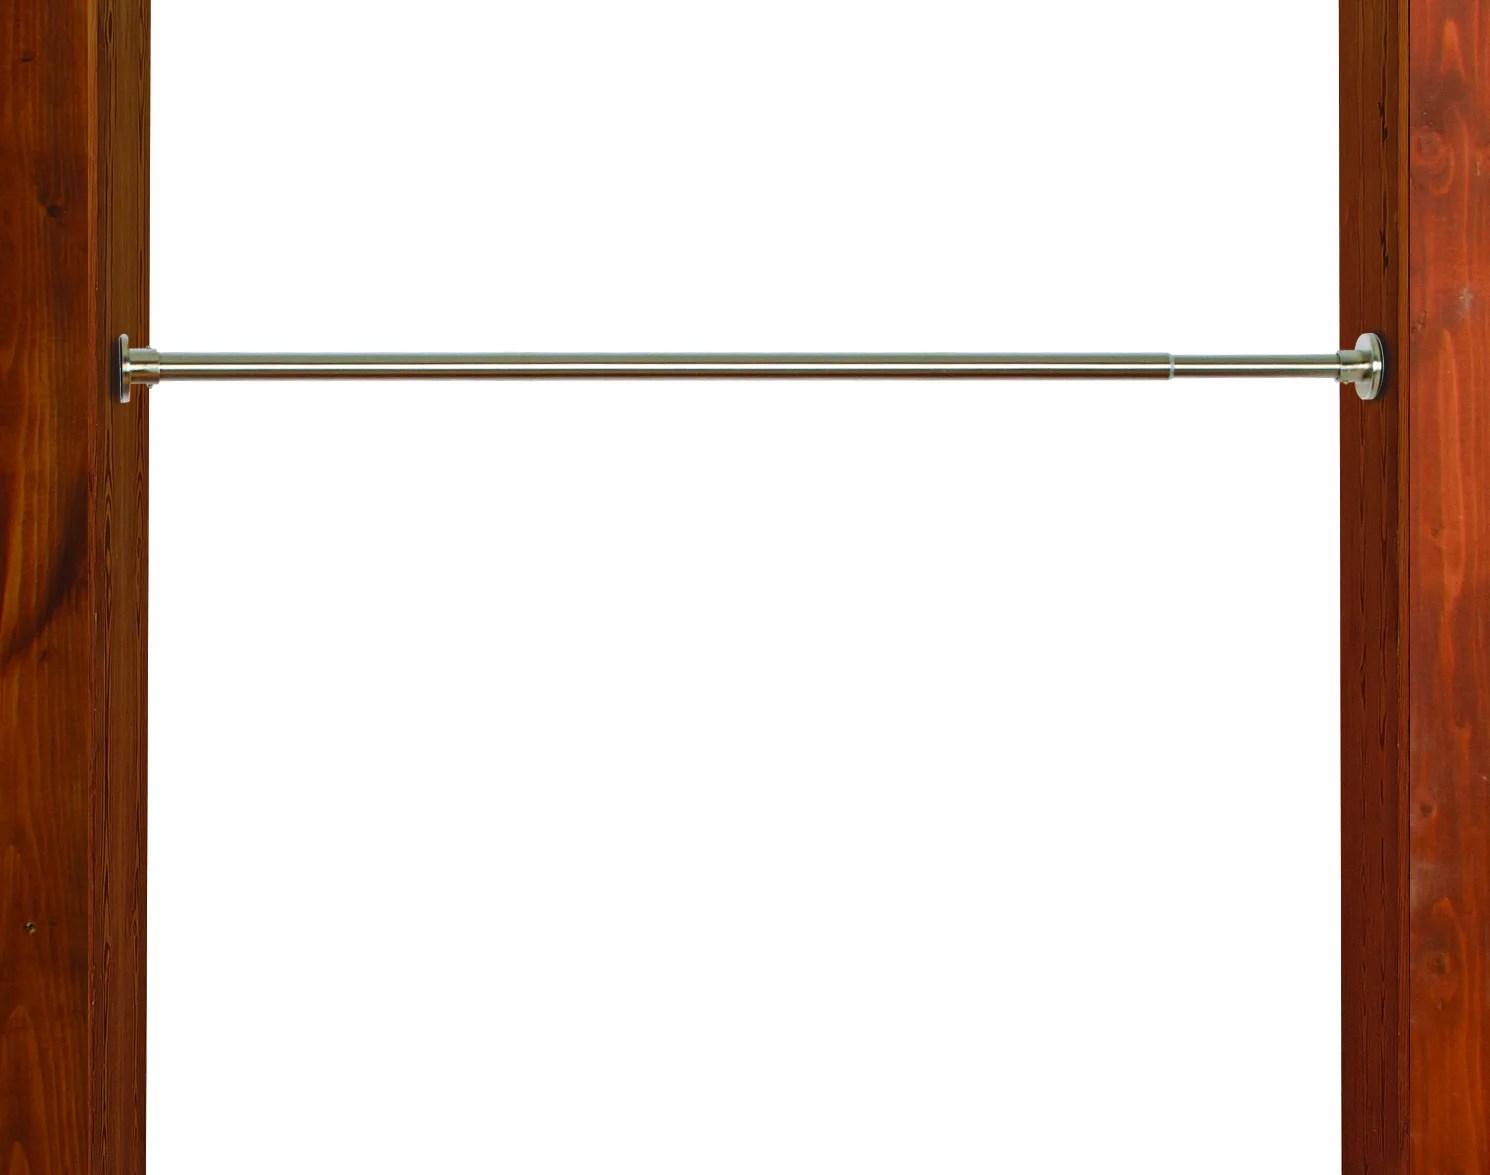 versailles green room 3 4in stainless steel duo tension rod indoor outdoor 18in 28in